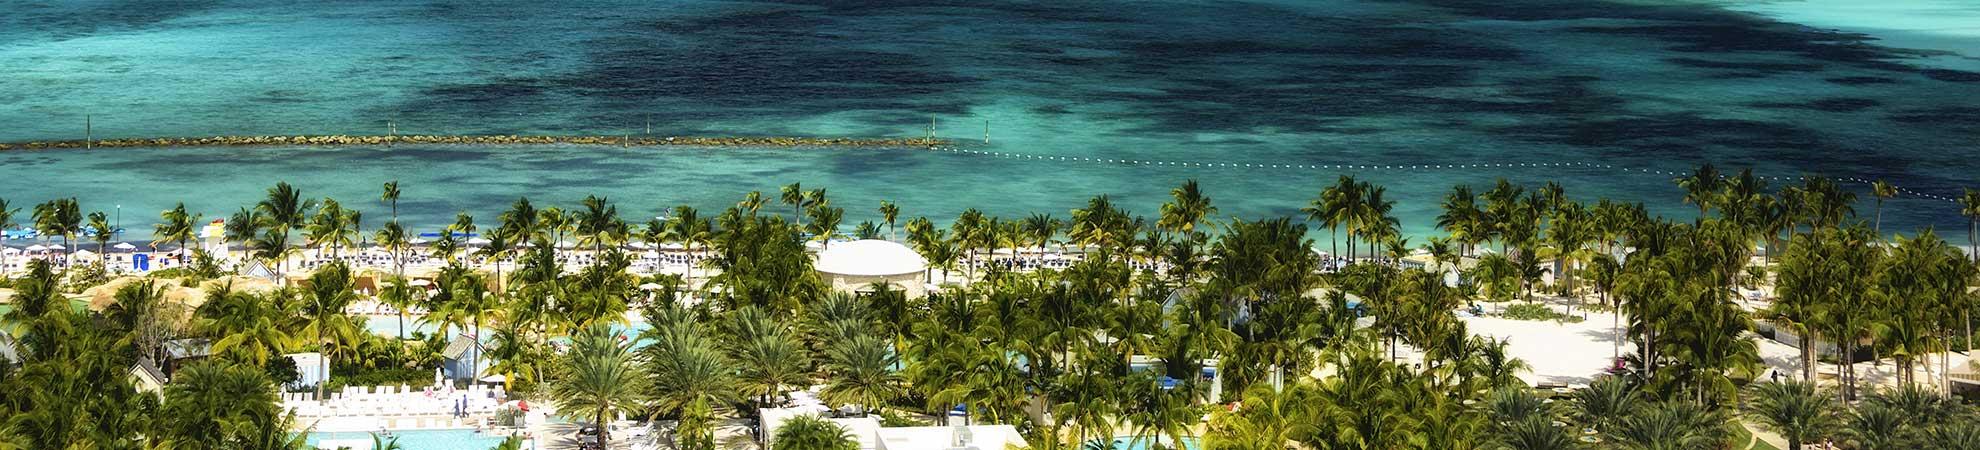 Bahamas tout inclus 5 étoiles